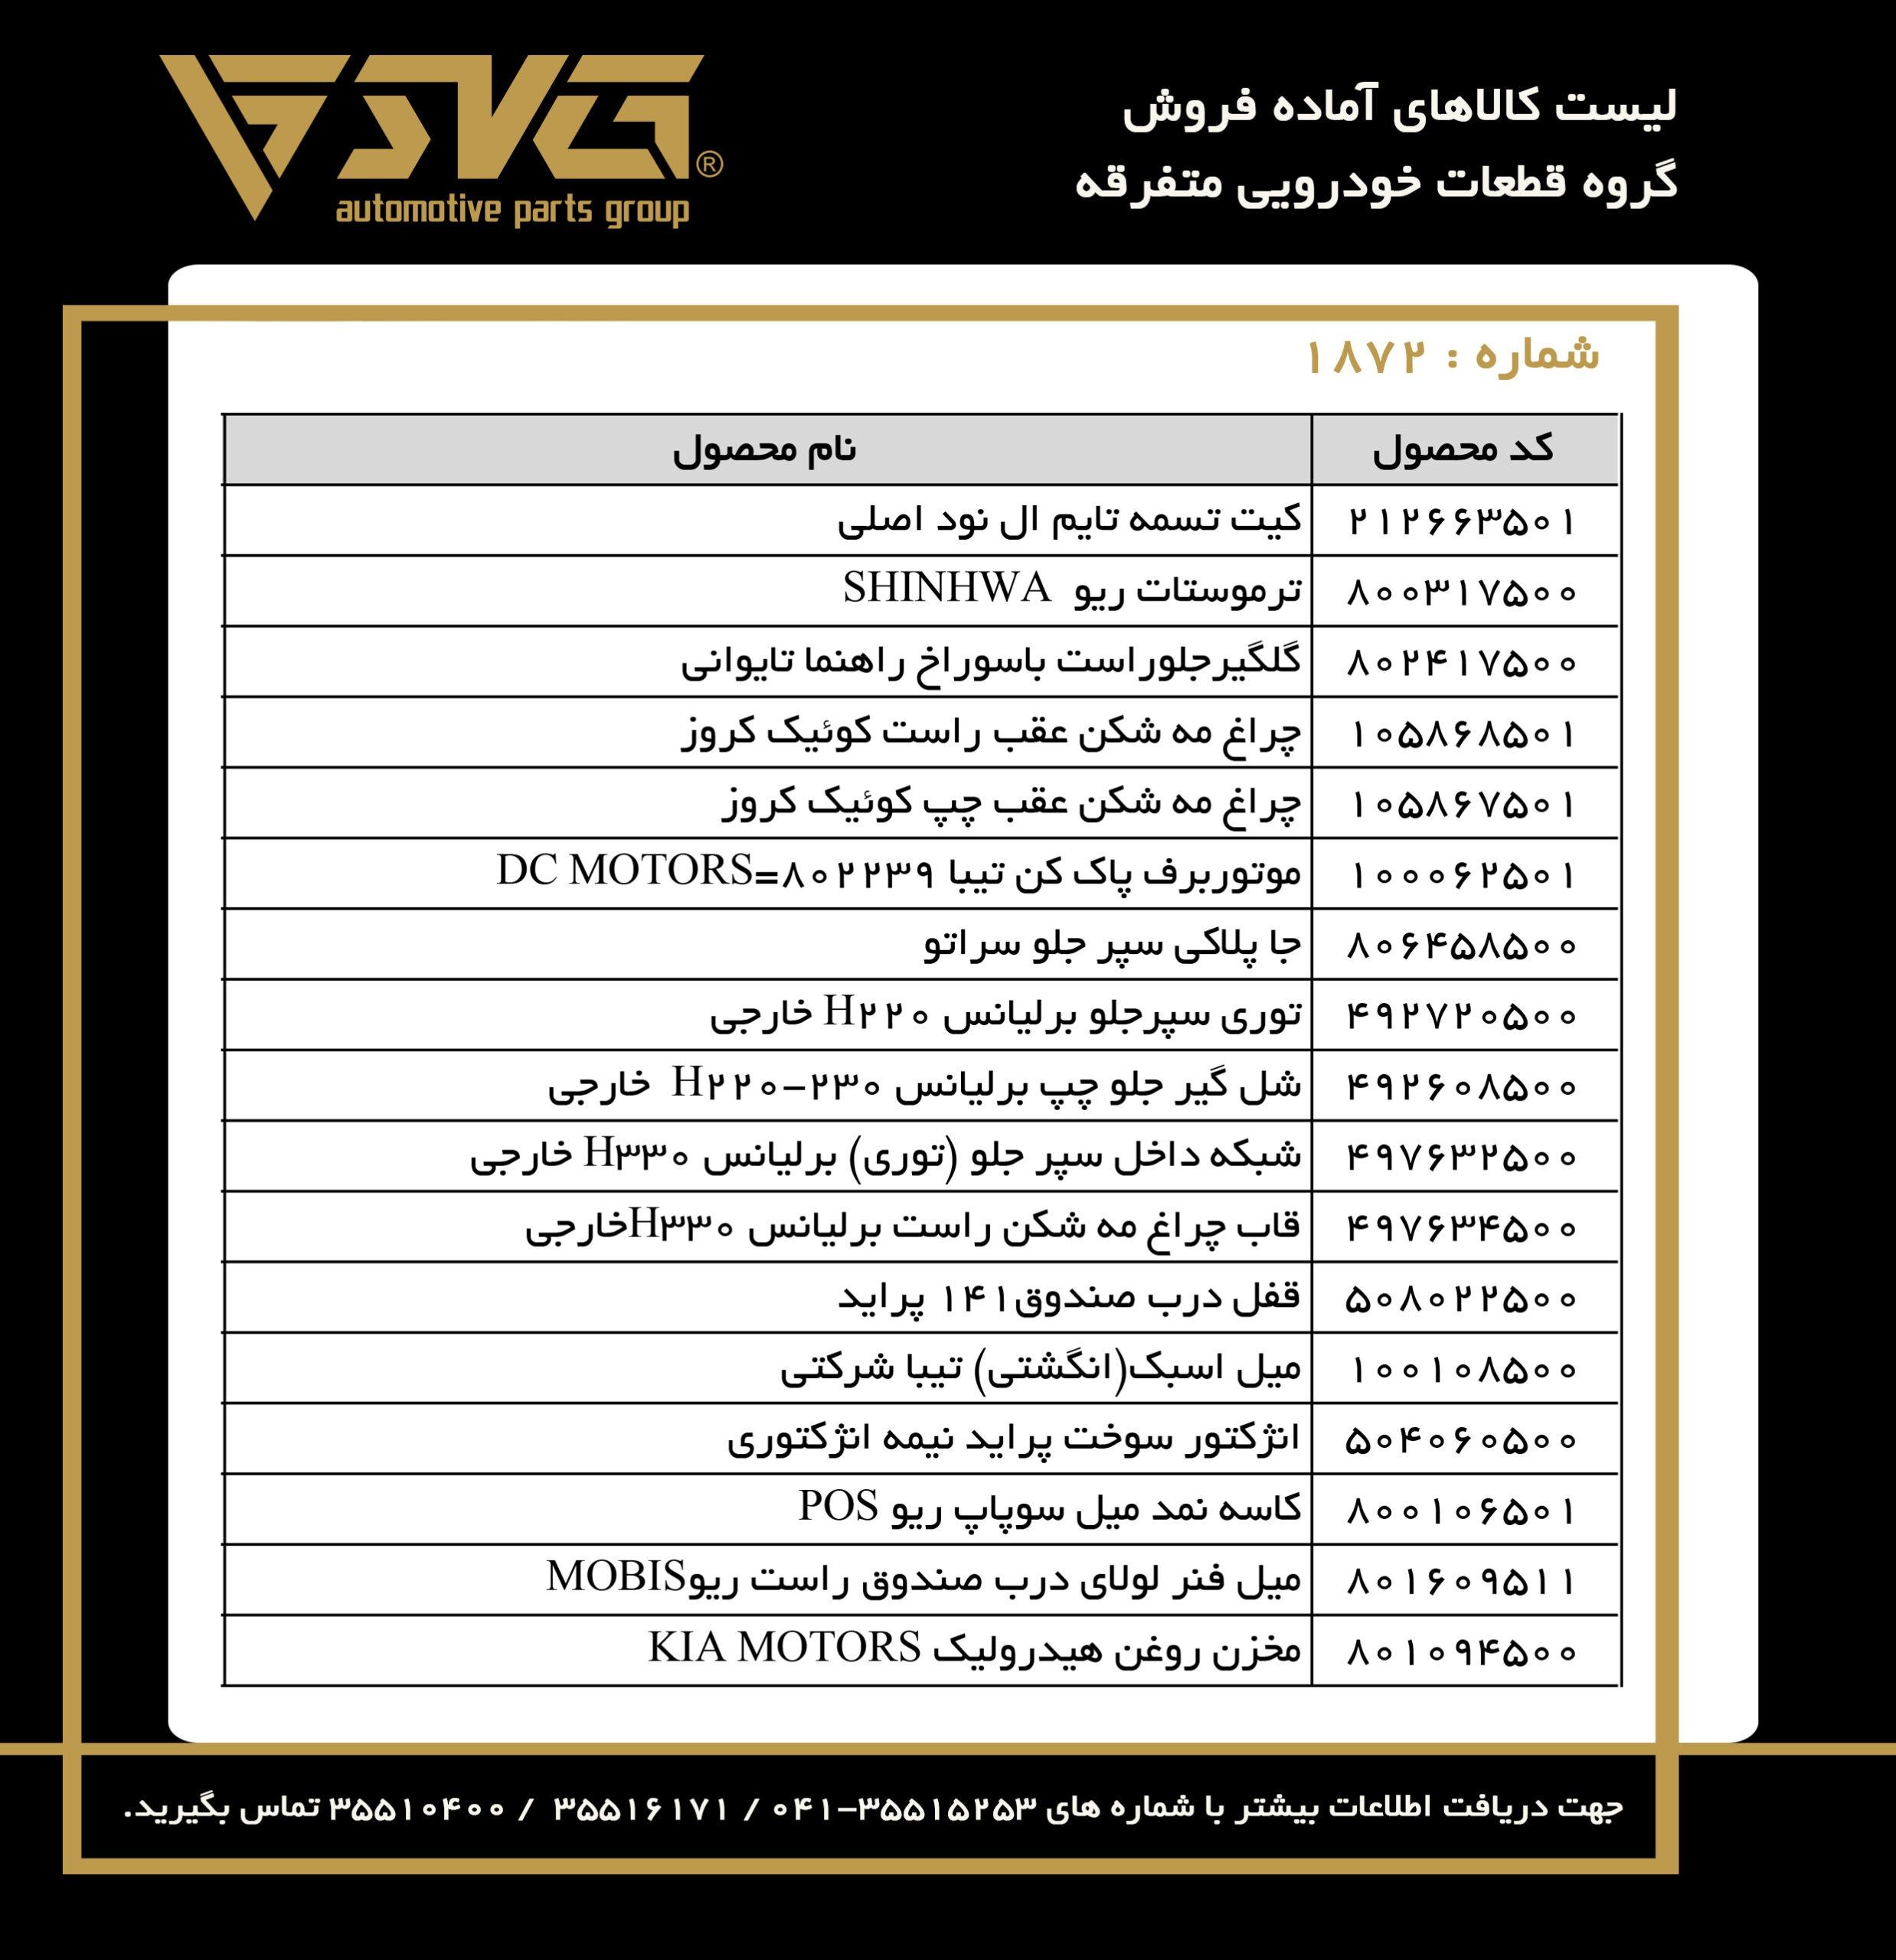 آماده فروش 14 بهمن 99